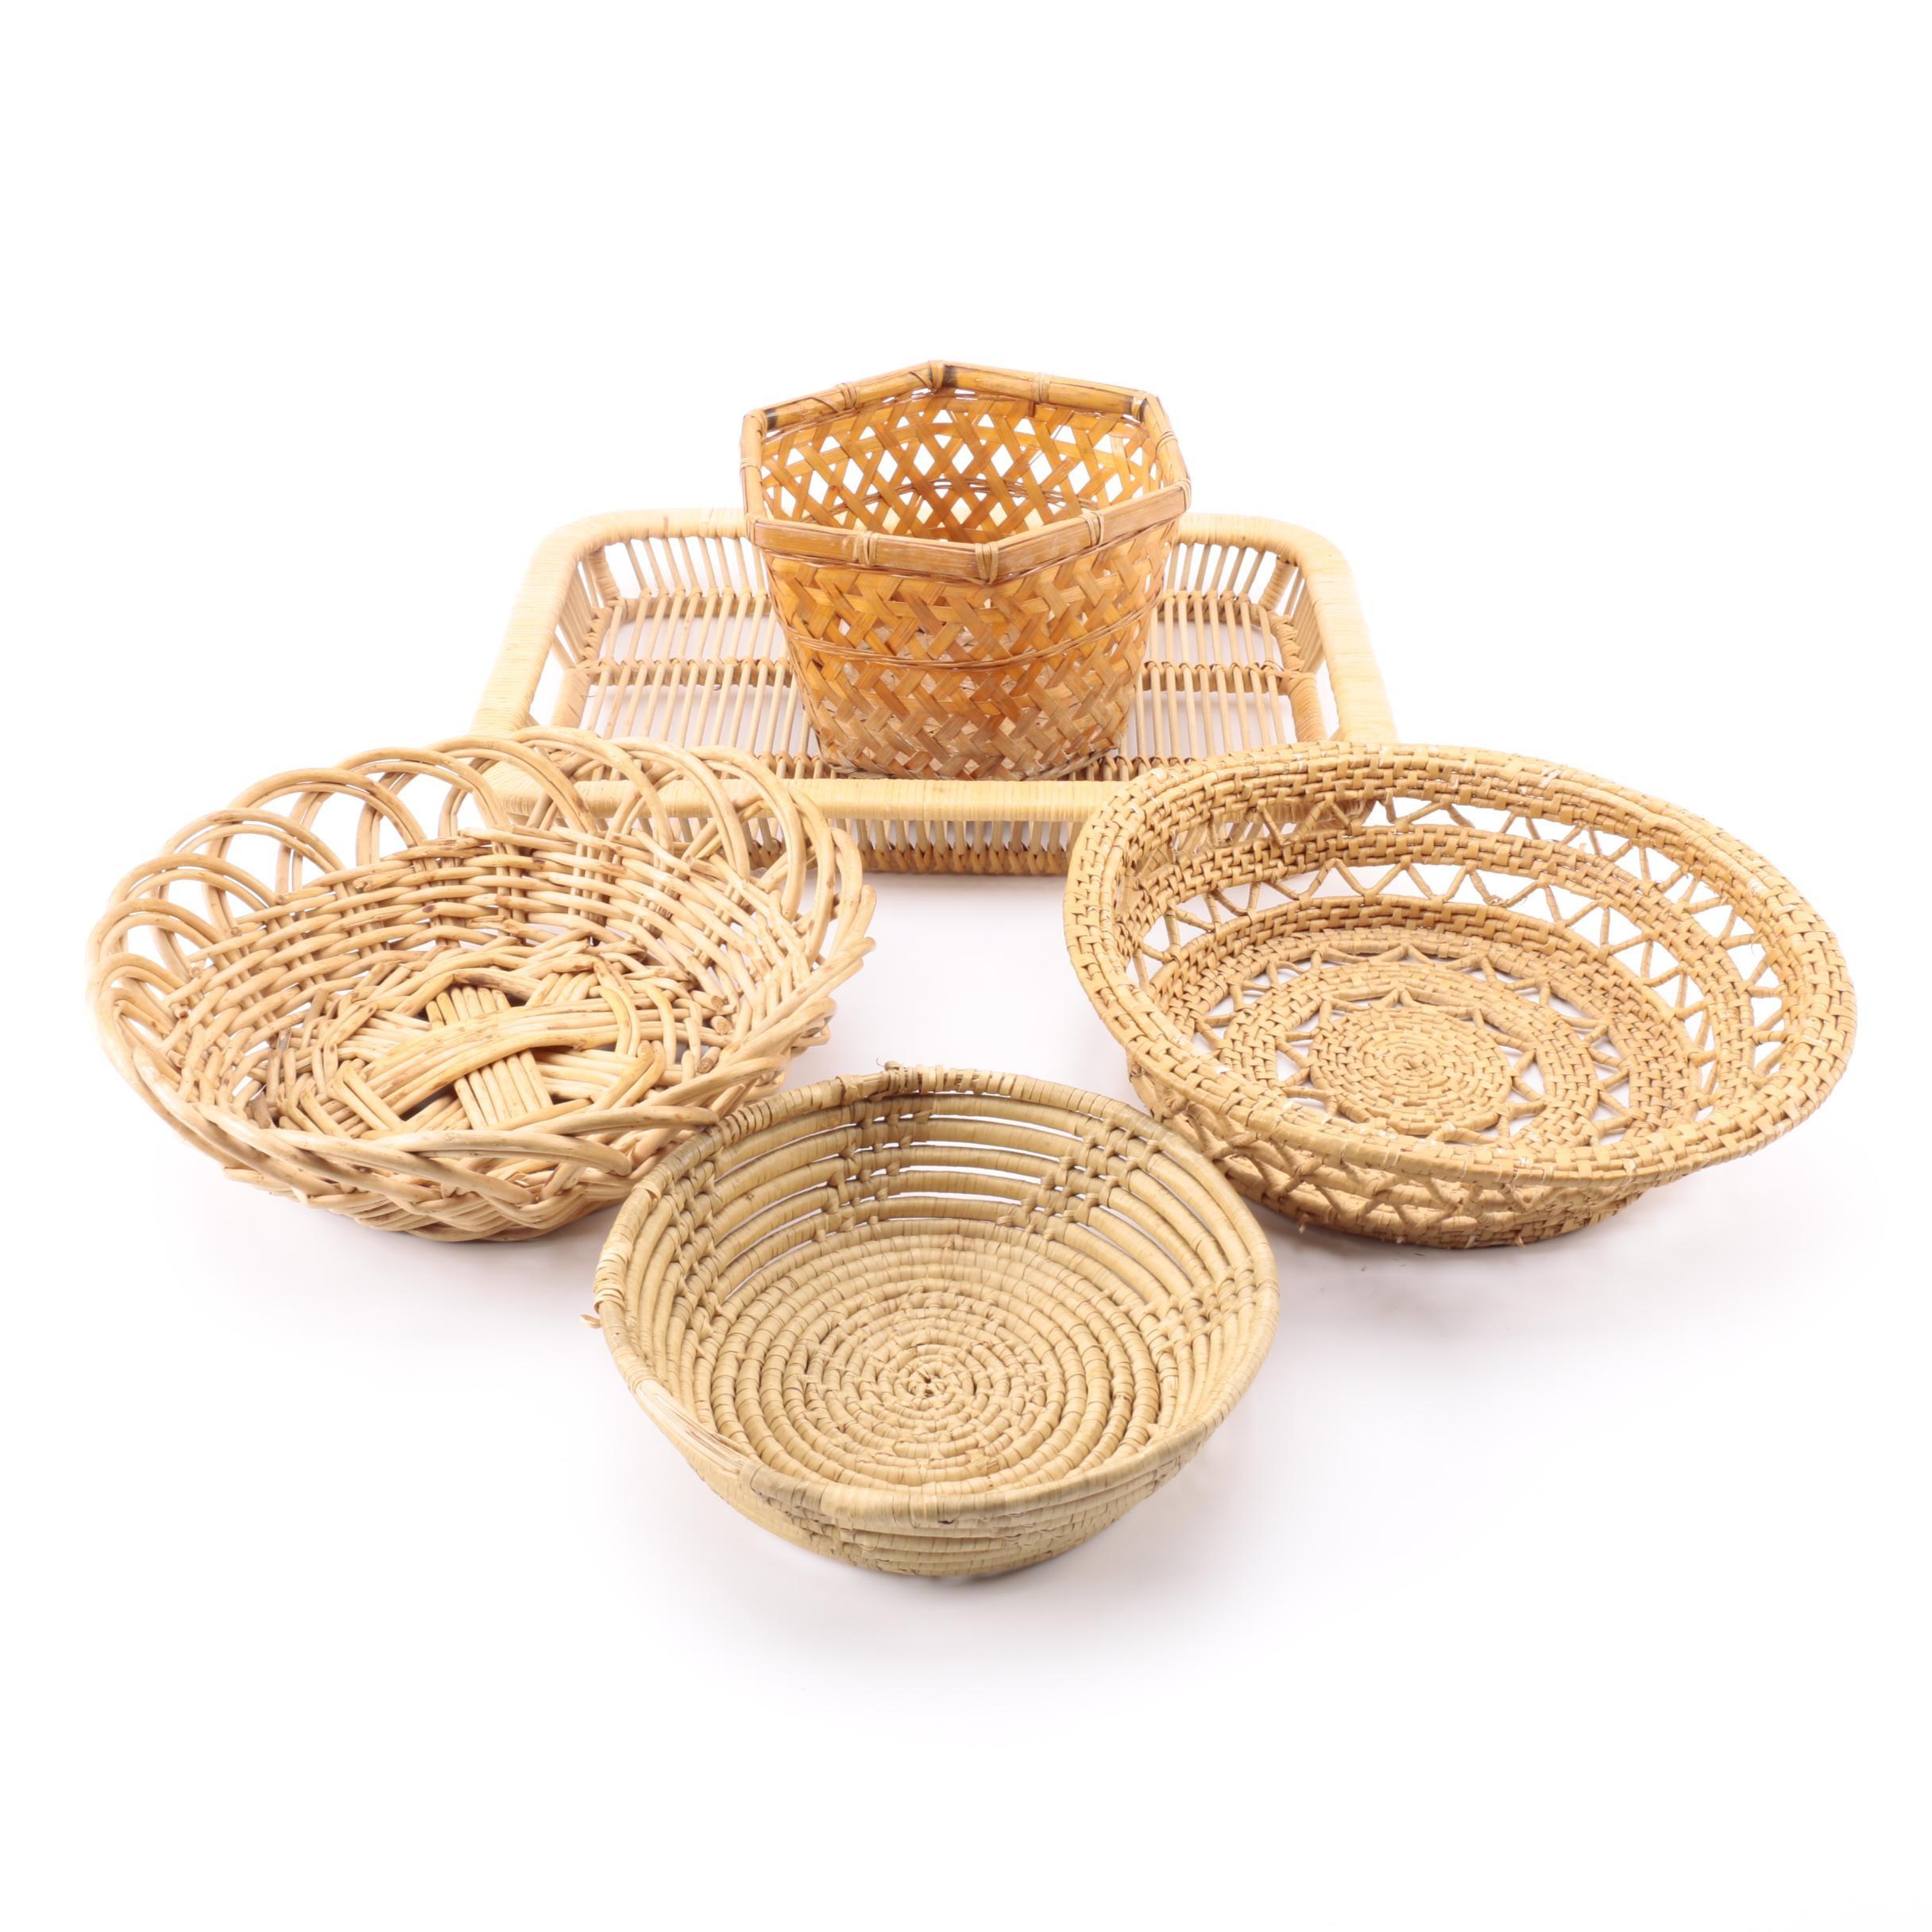 Set of Five Wicker Baskets